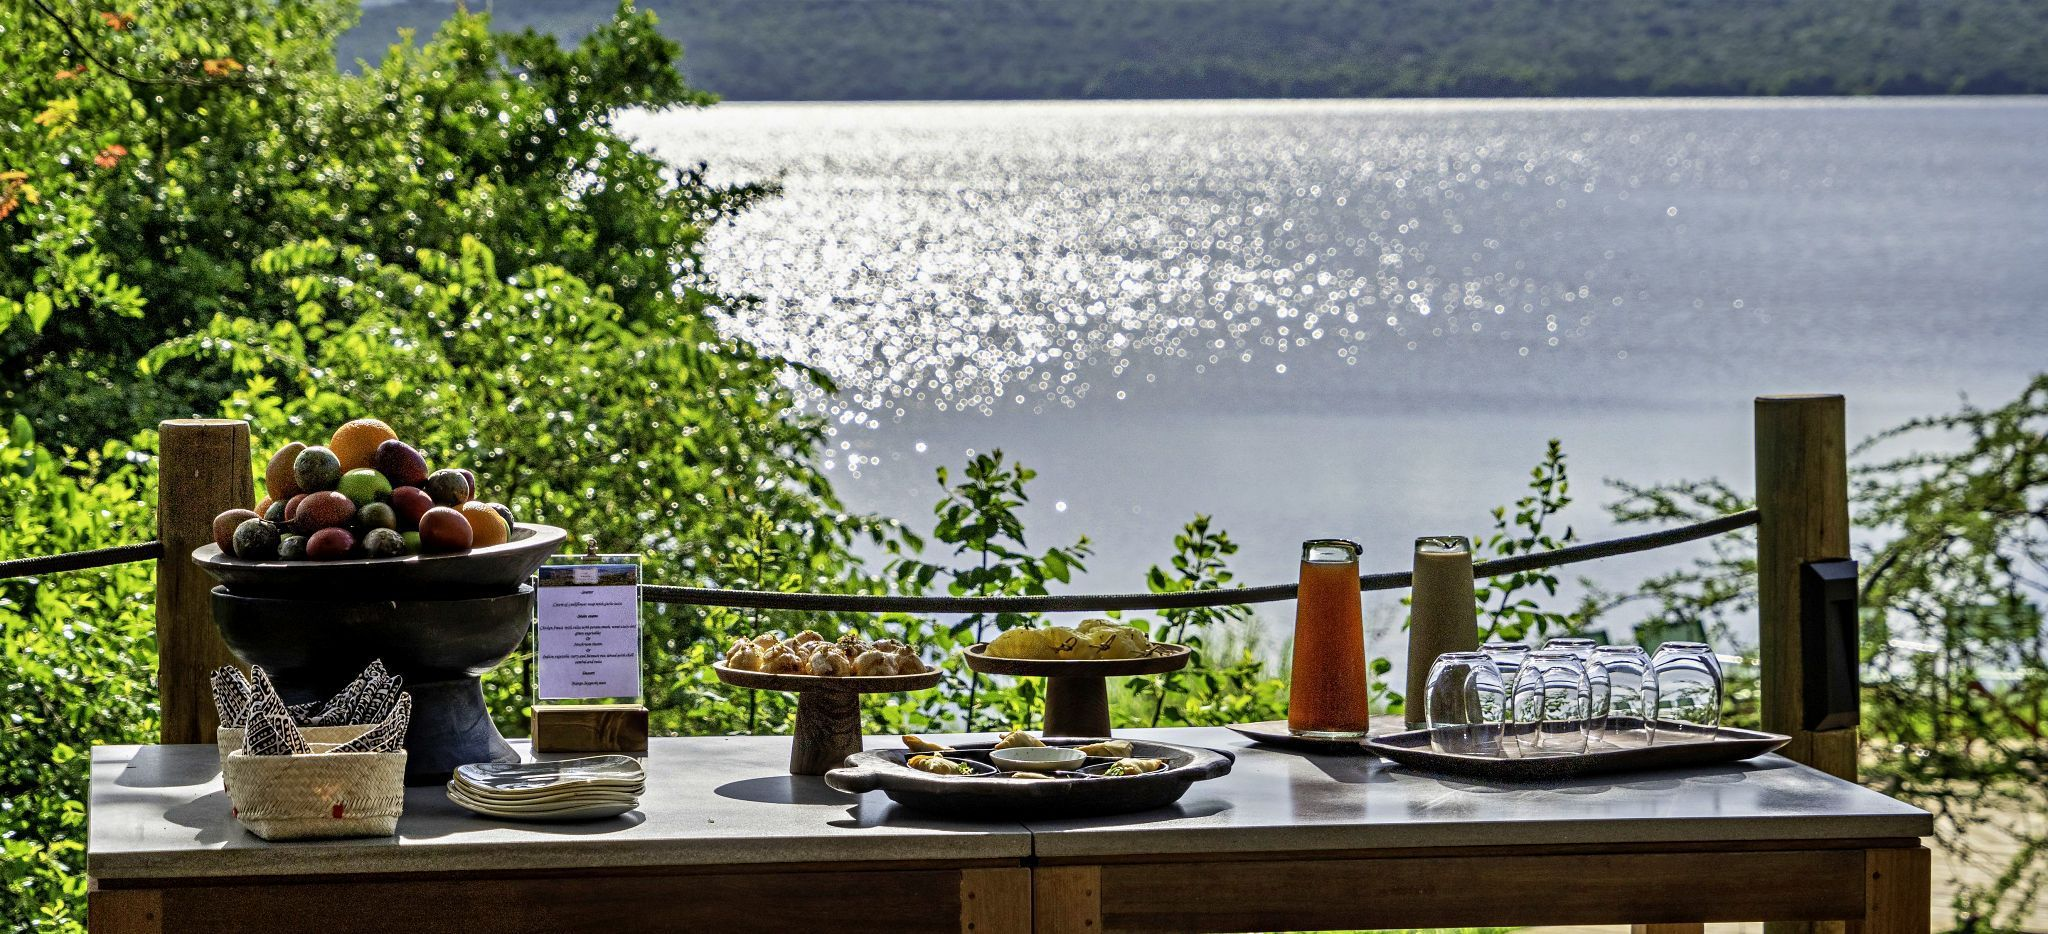 Ein gedeckter Tisch mit Blick auf den See Rwanyakazinga, Ruanda